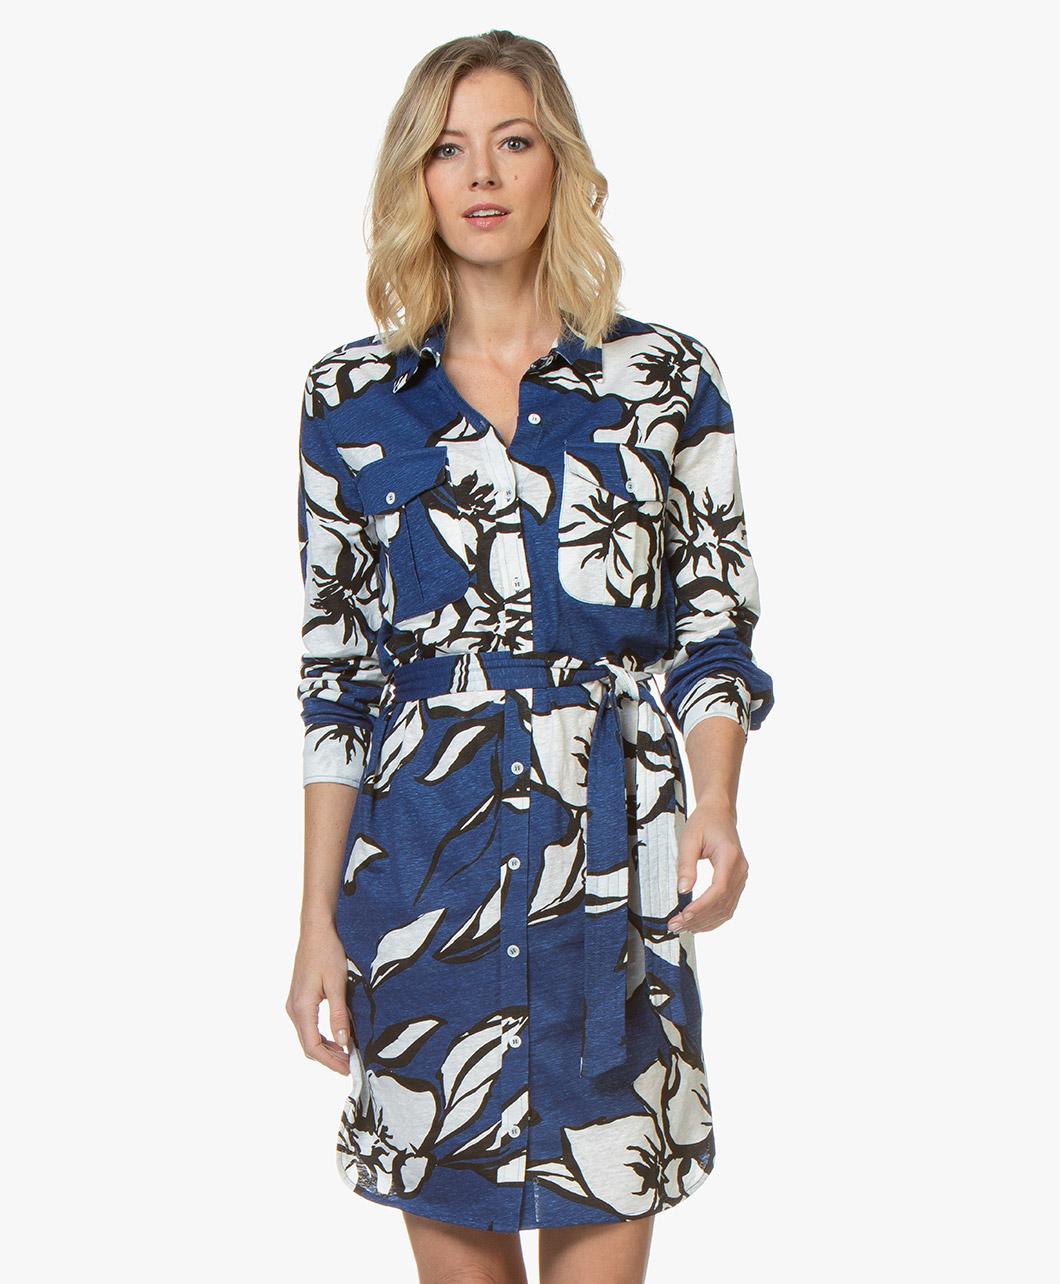 suede jurk kobaltblauw